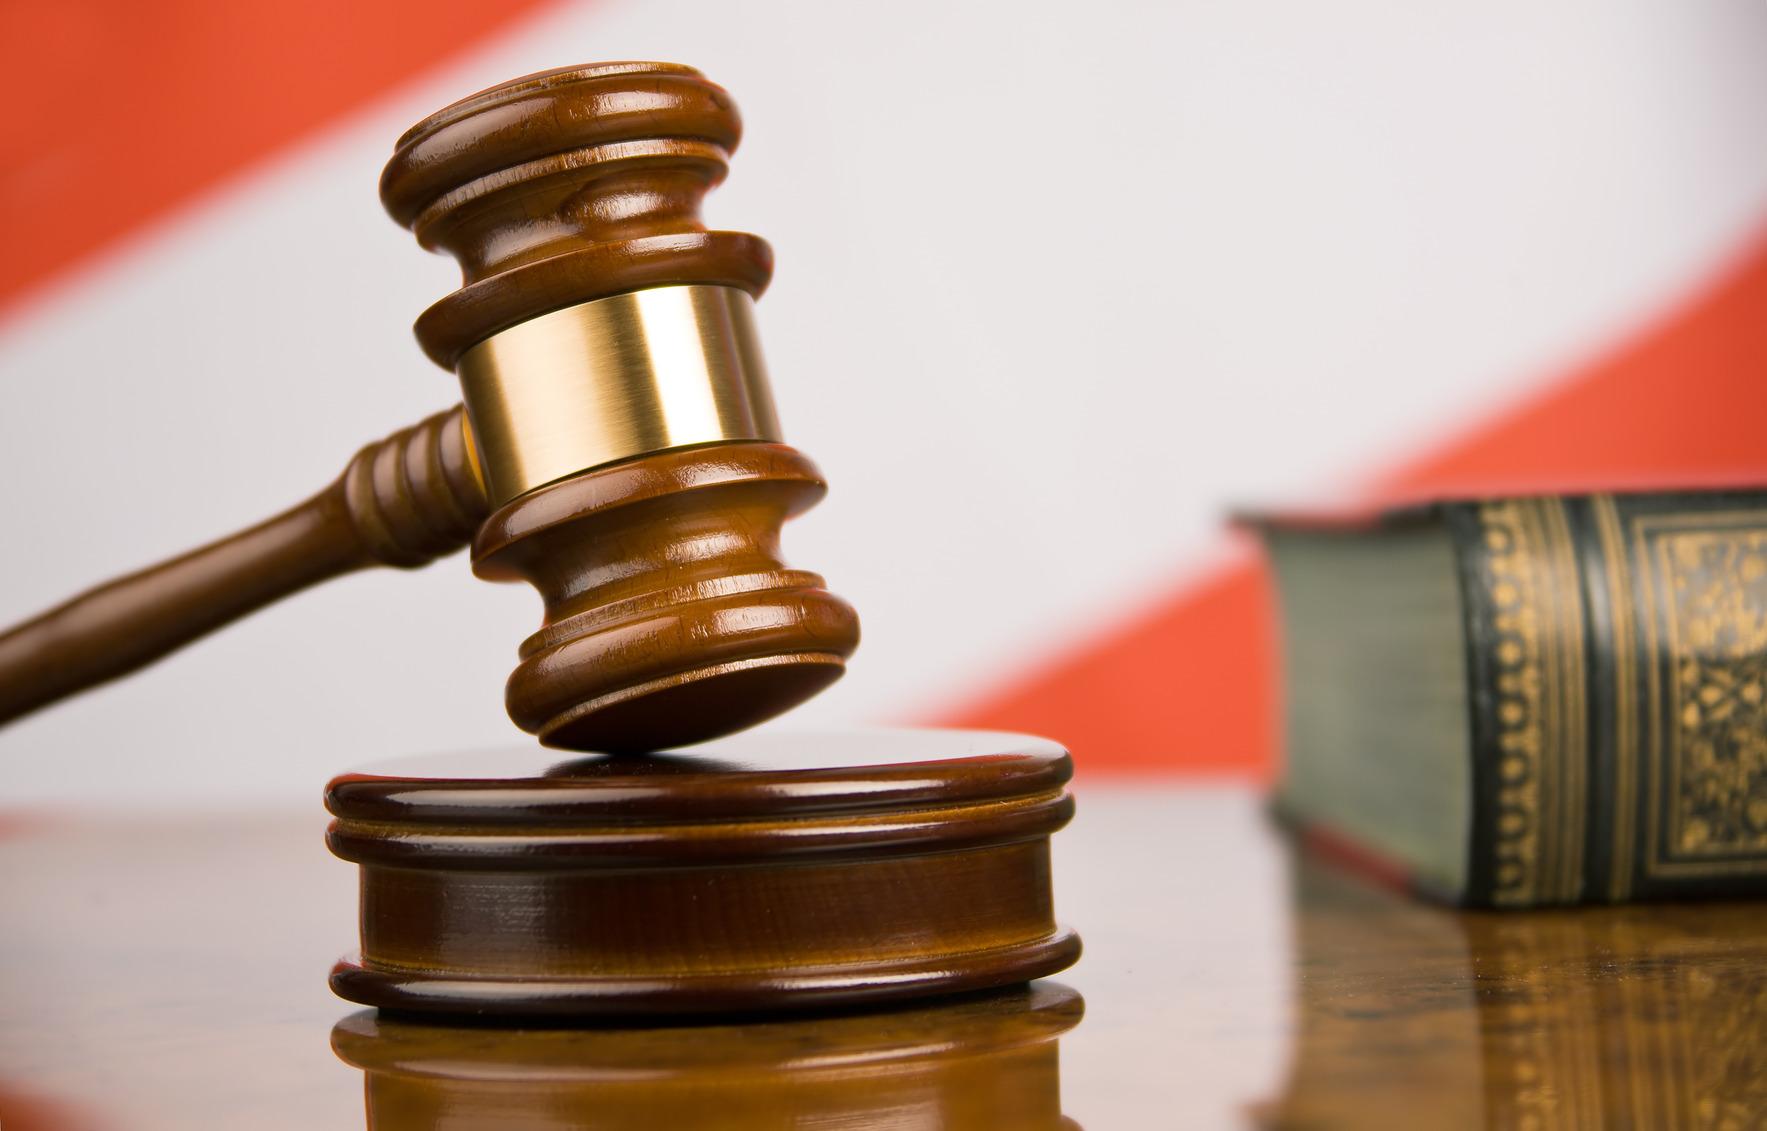 Высокий суд Англии рассмотрит законность заморозки американским банком полумиллиарда долларов активов РК